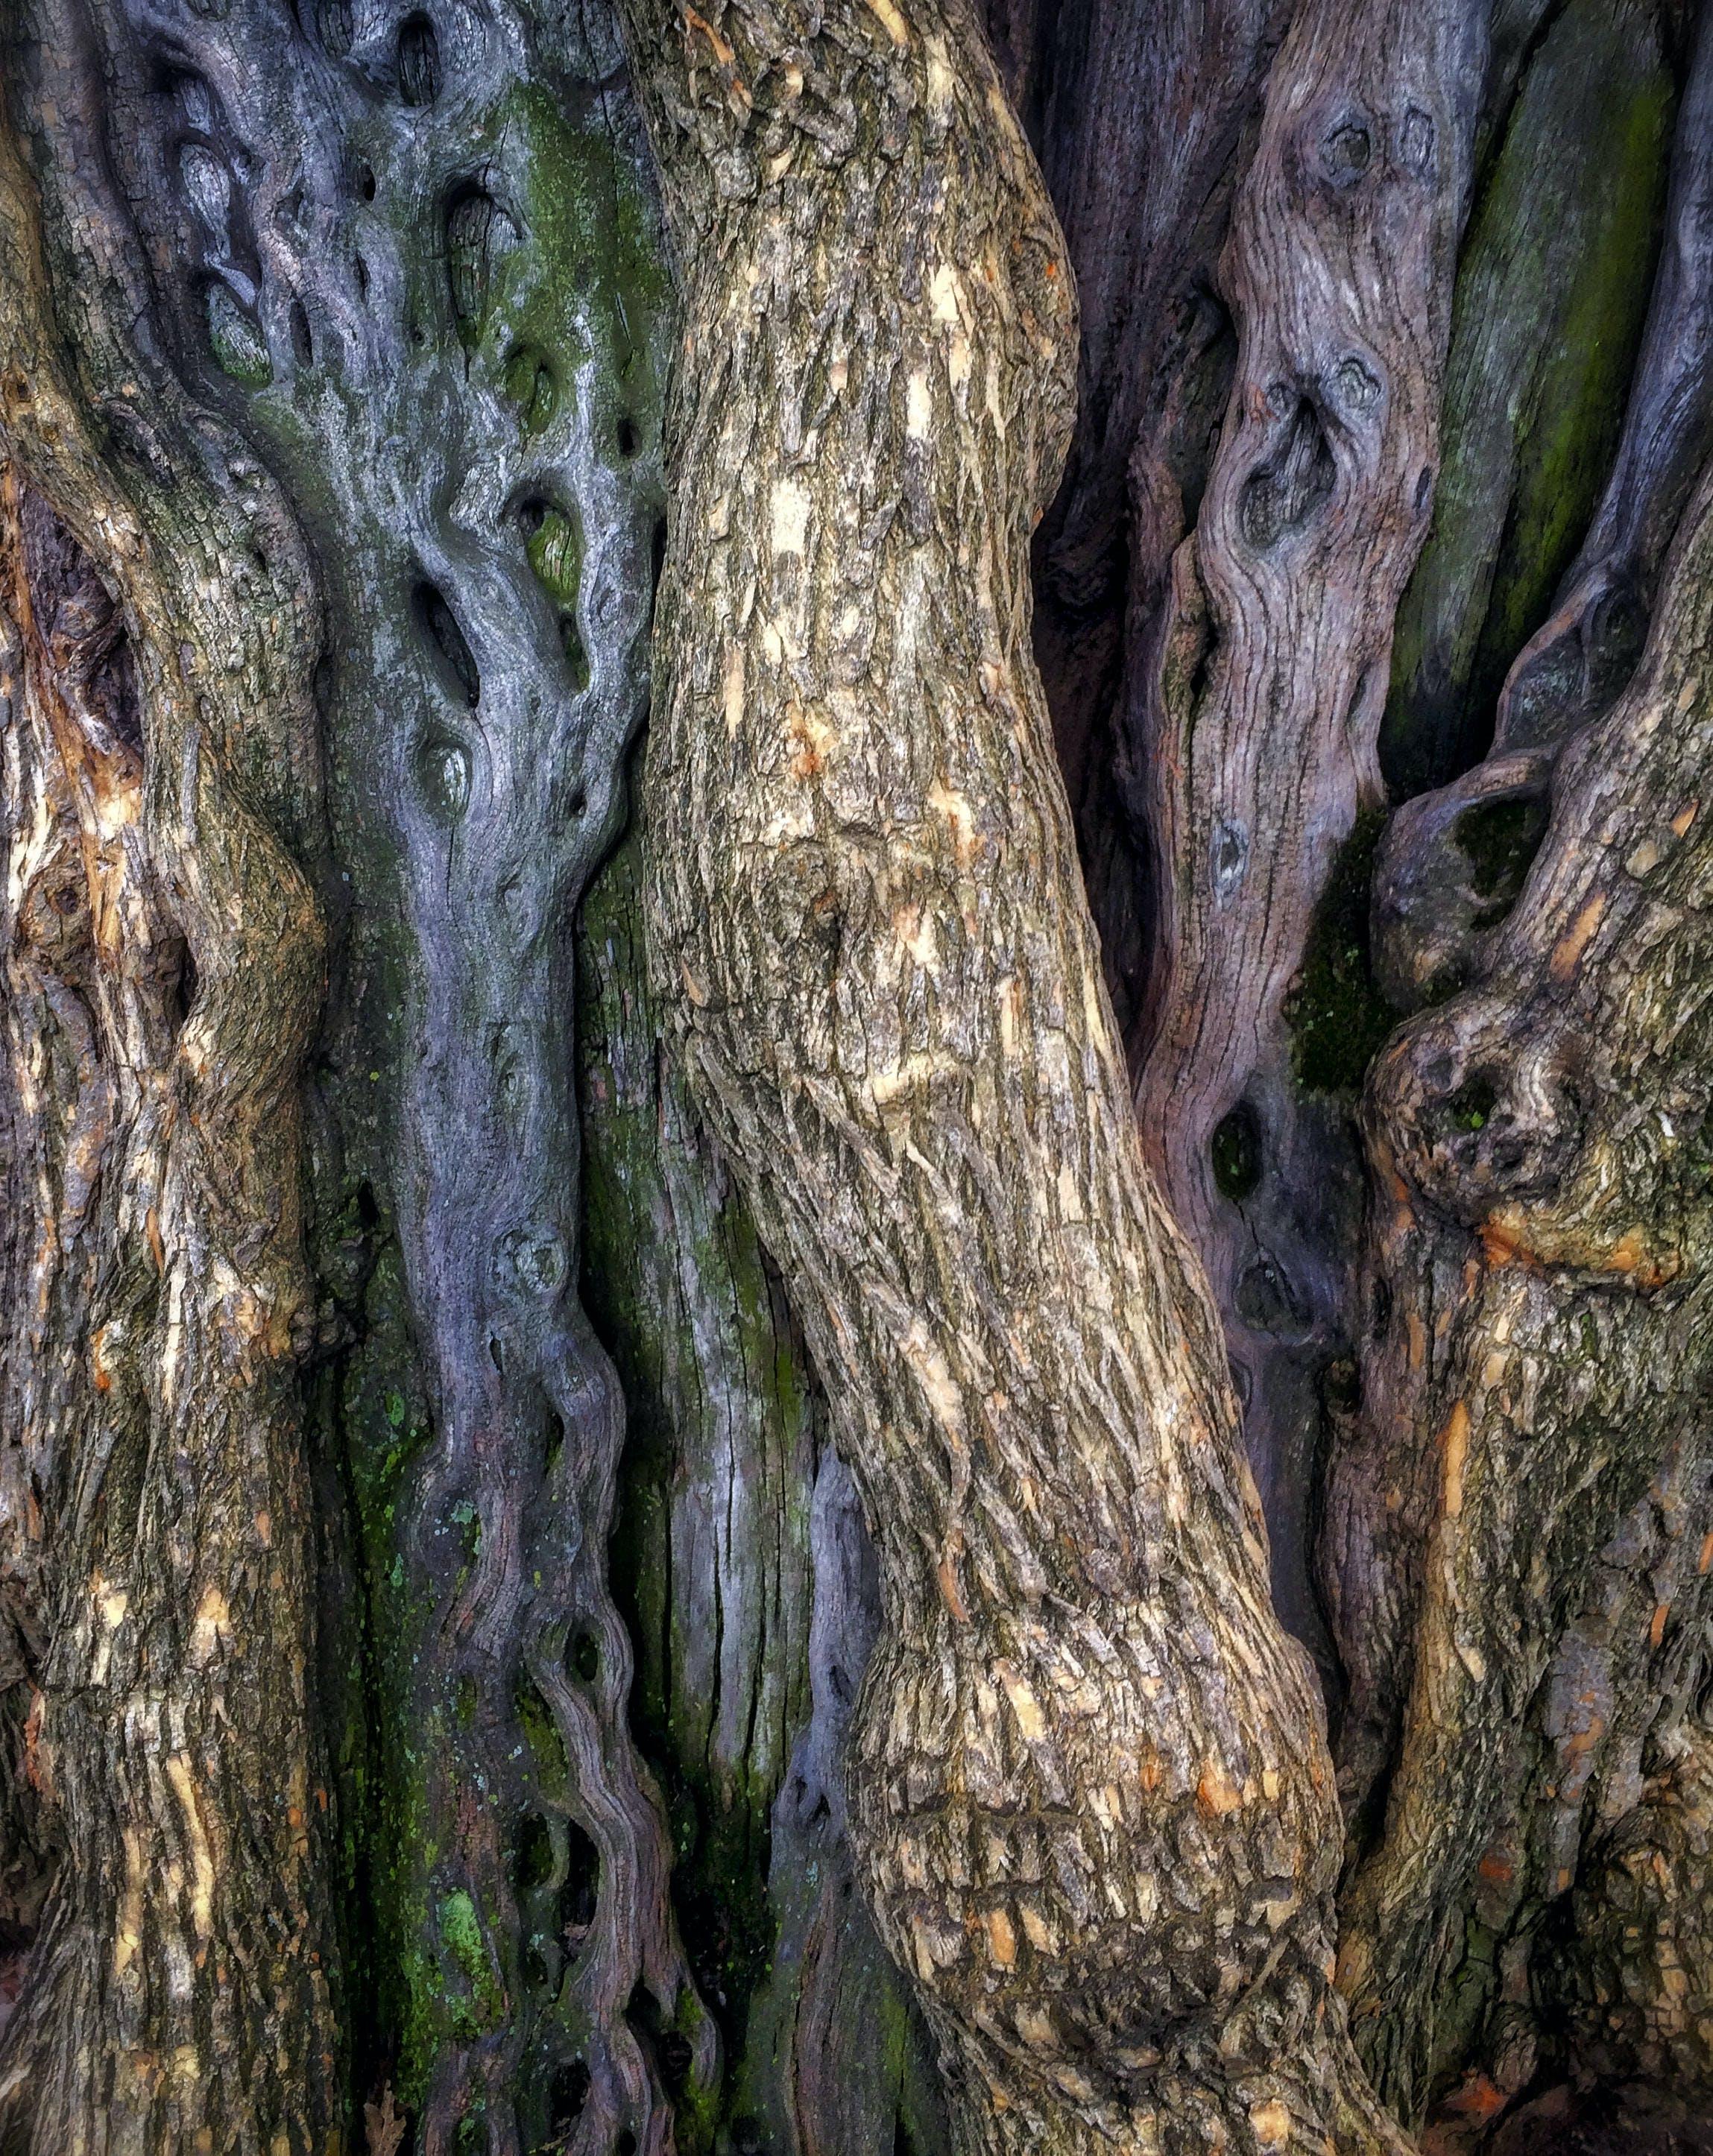 iphone 5s, テクスチャ, 中央公園, 木の幹の無料の写真素材